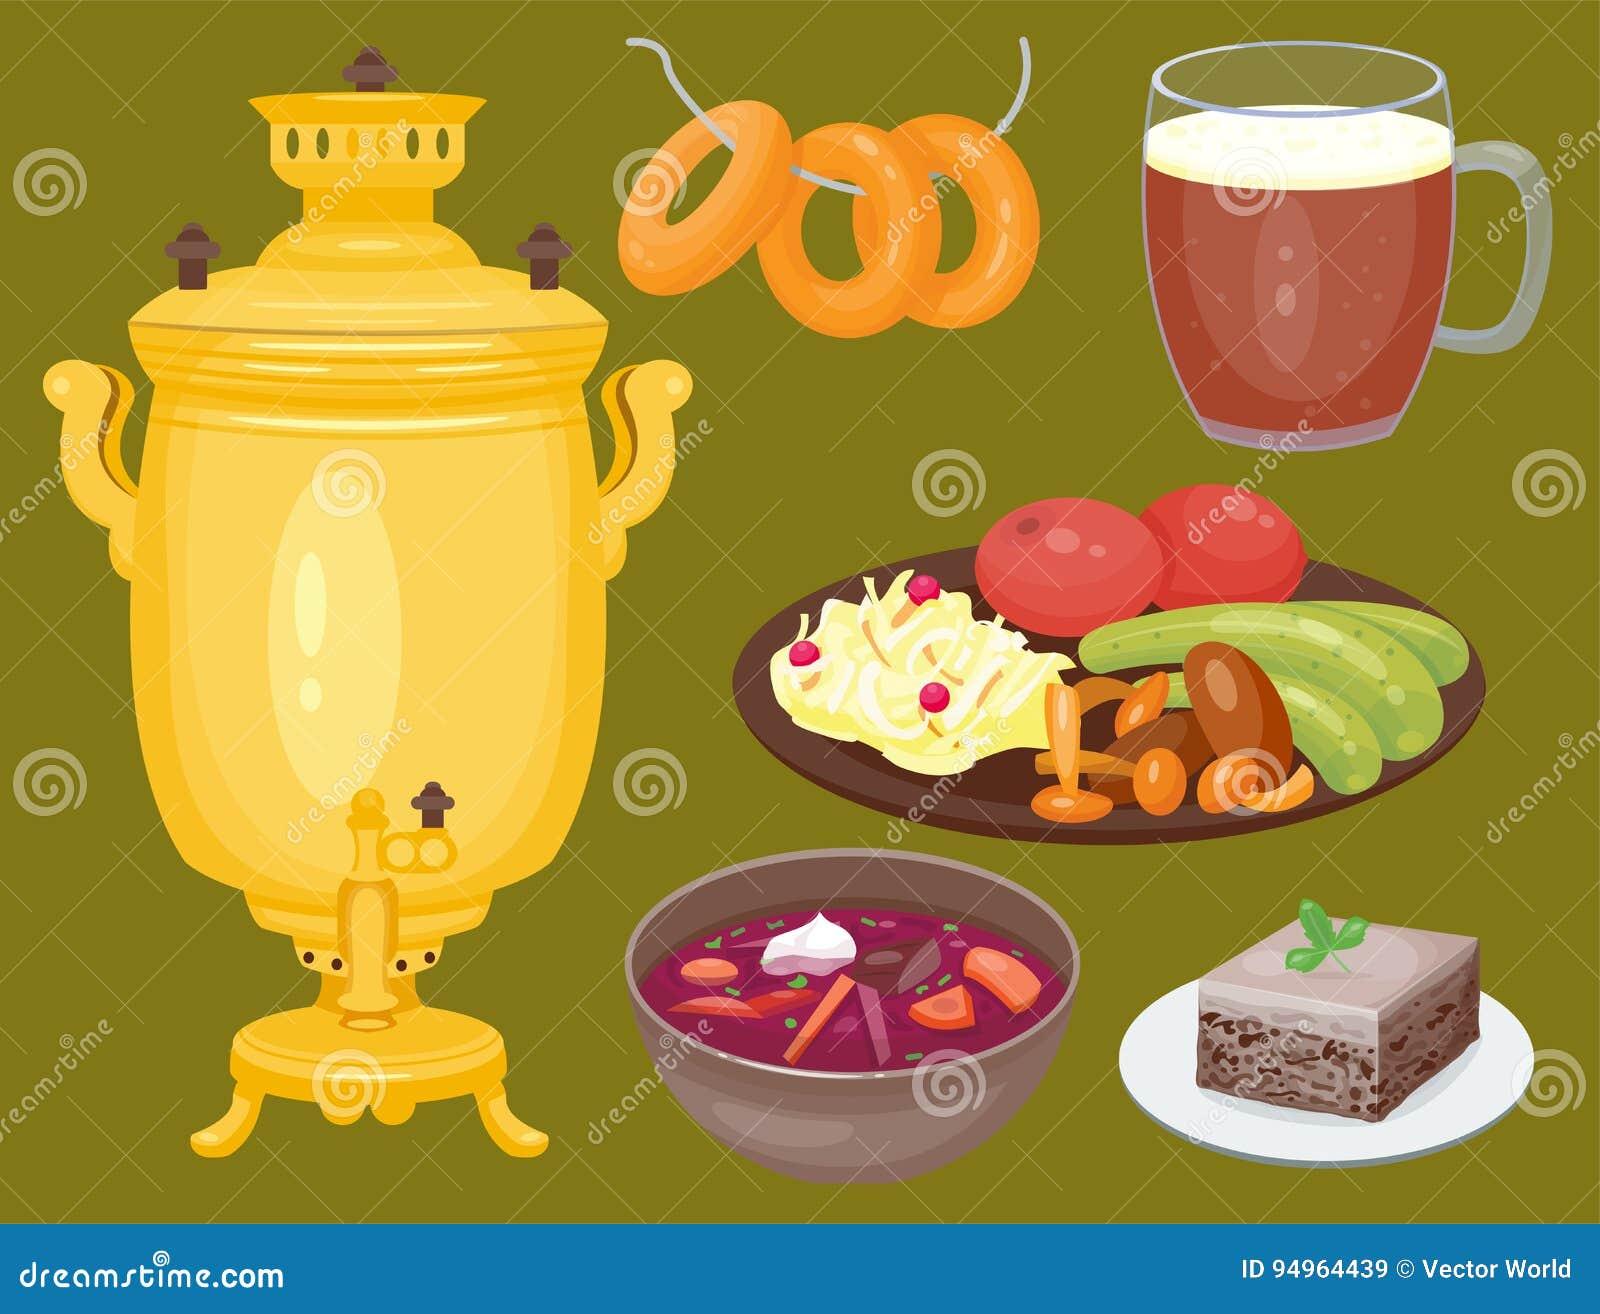 Tradycyjny Rosyjski kuchni kultury naczynia jedzenia kursowy powitanie Rosja posiłku wektoru wyśmienita krajowa ilustracja